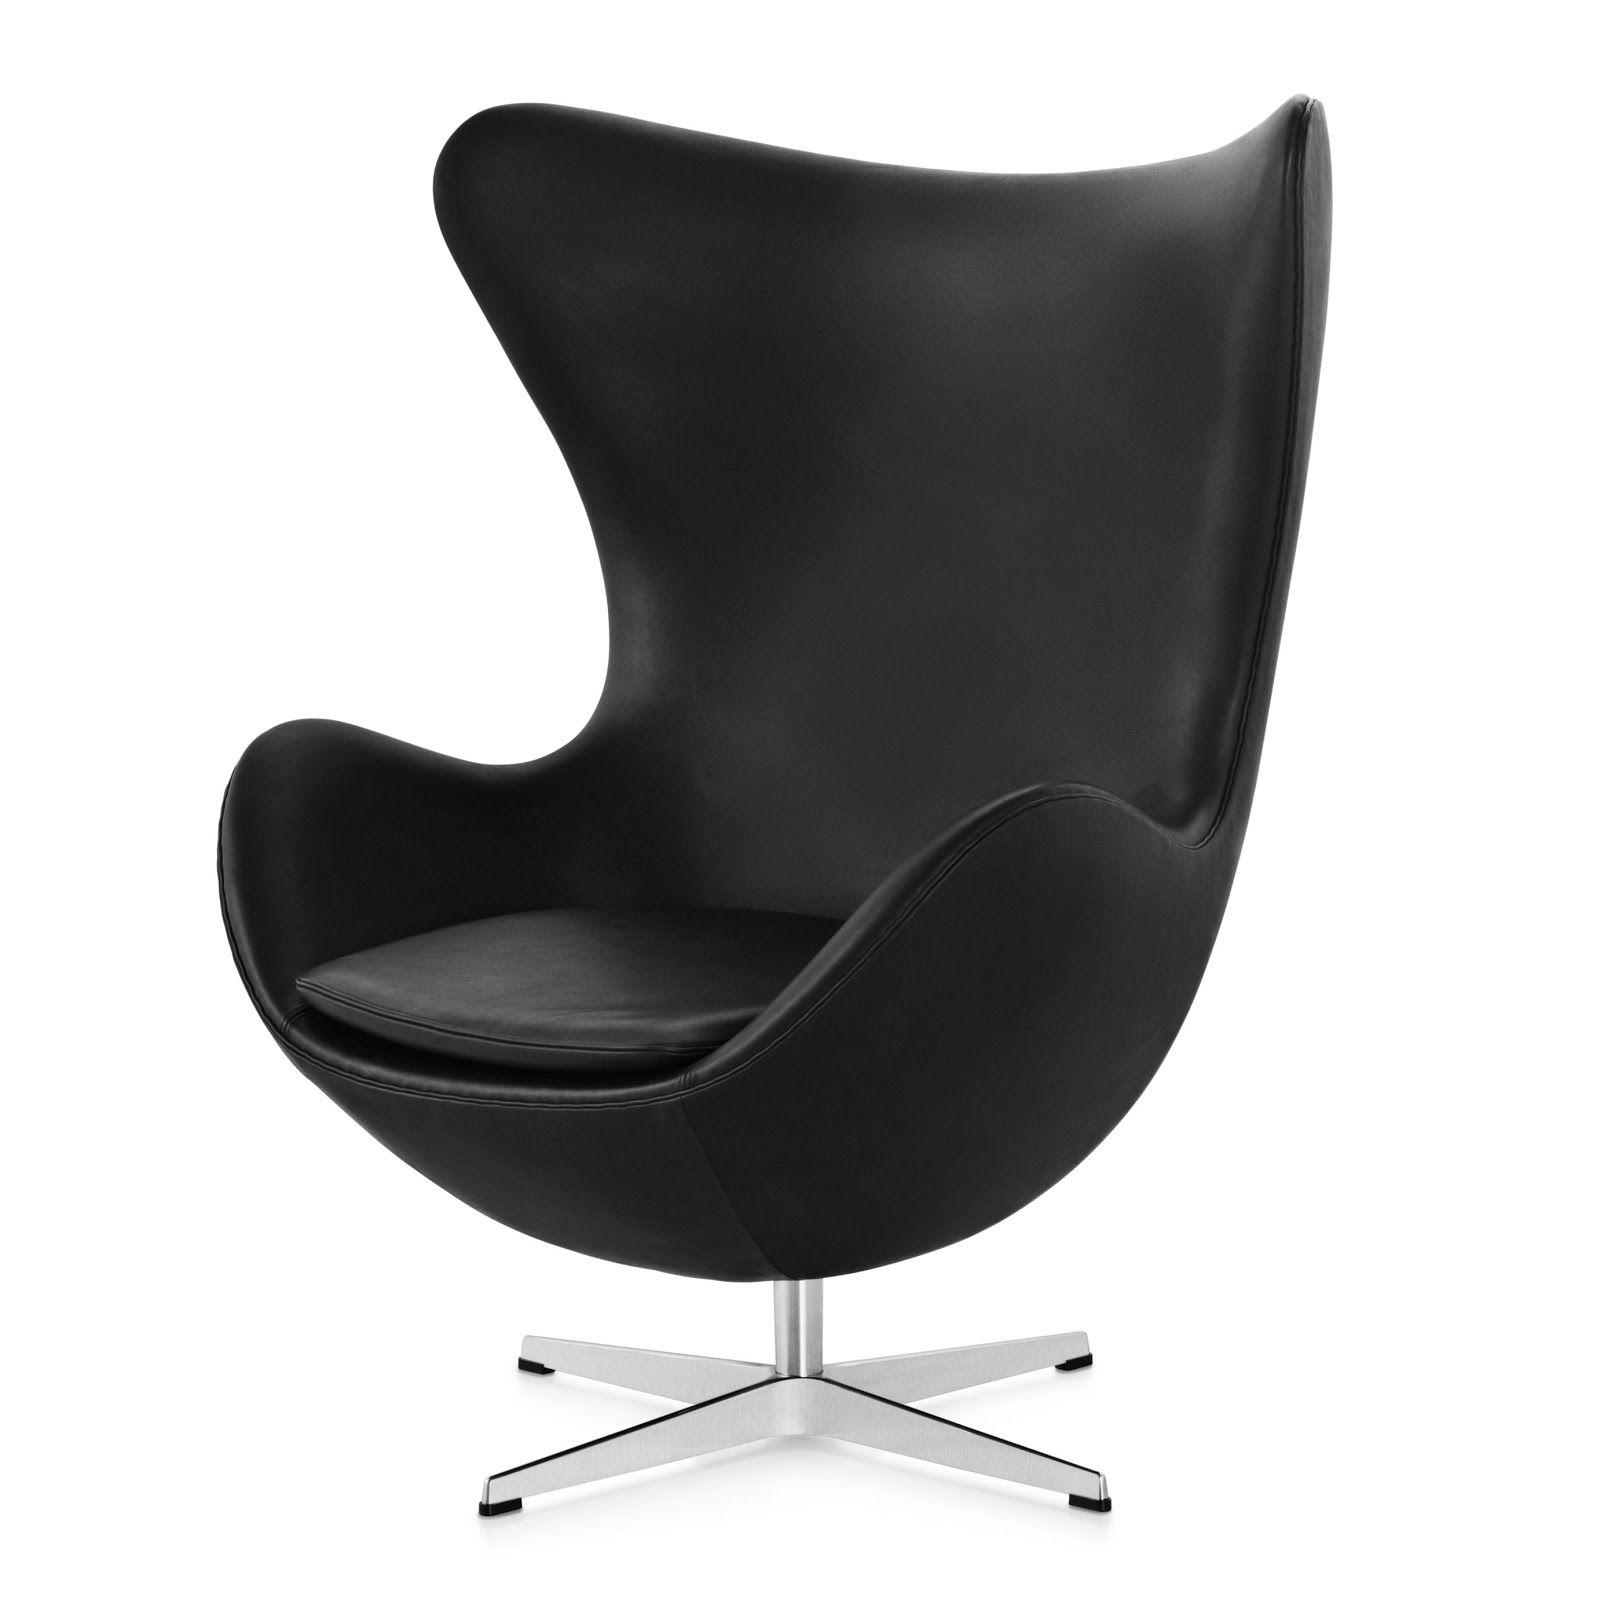 egg chair arne jacobsen 1957 denmark evolución del mueble